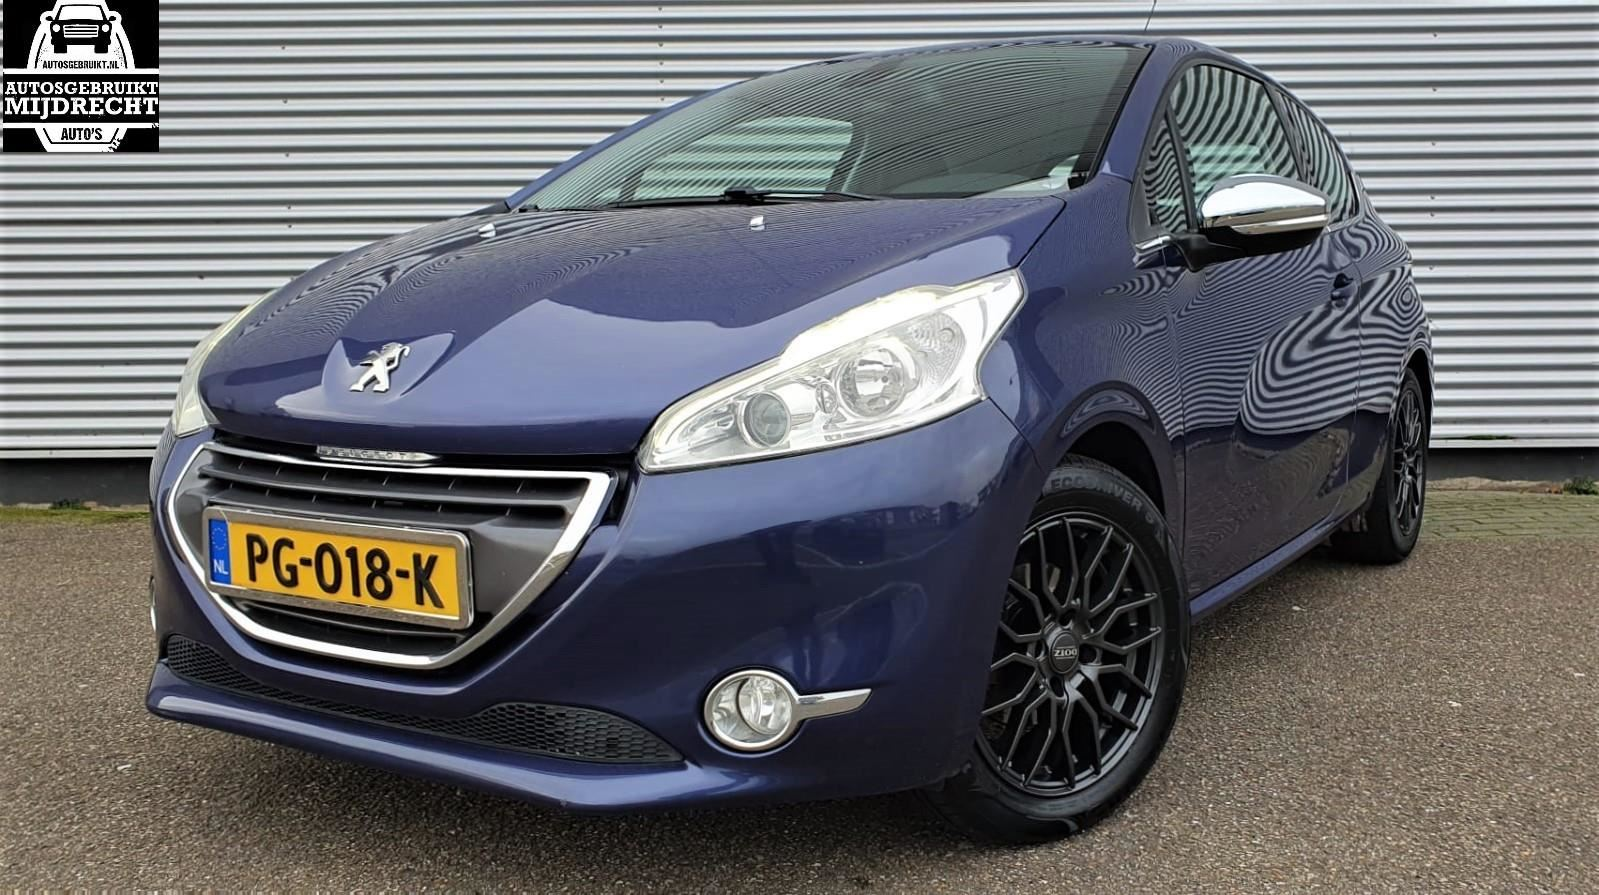 Peugeot 208 occasion - Autosgebruikt Mijdrecht